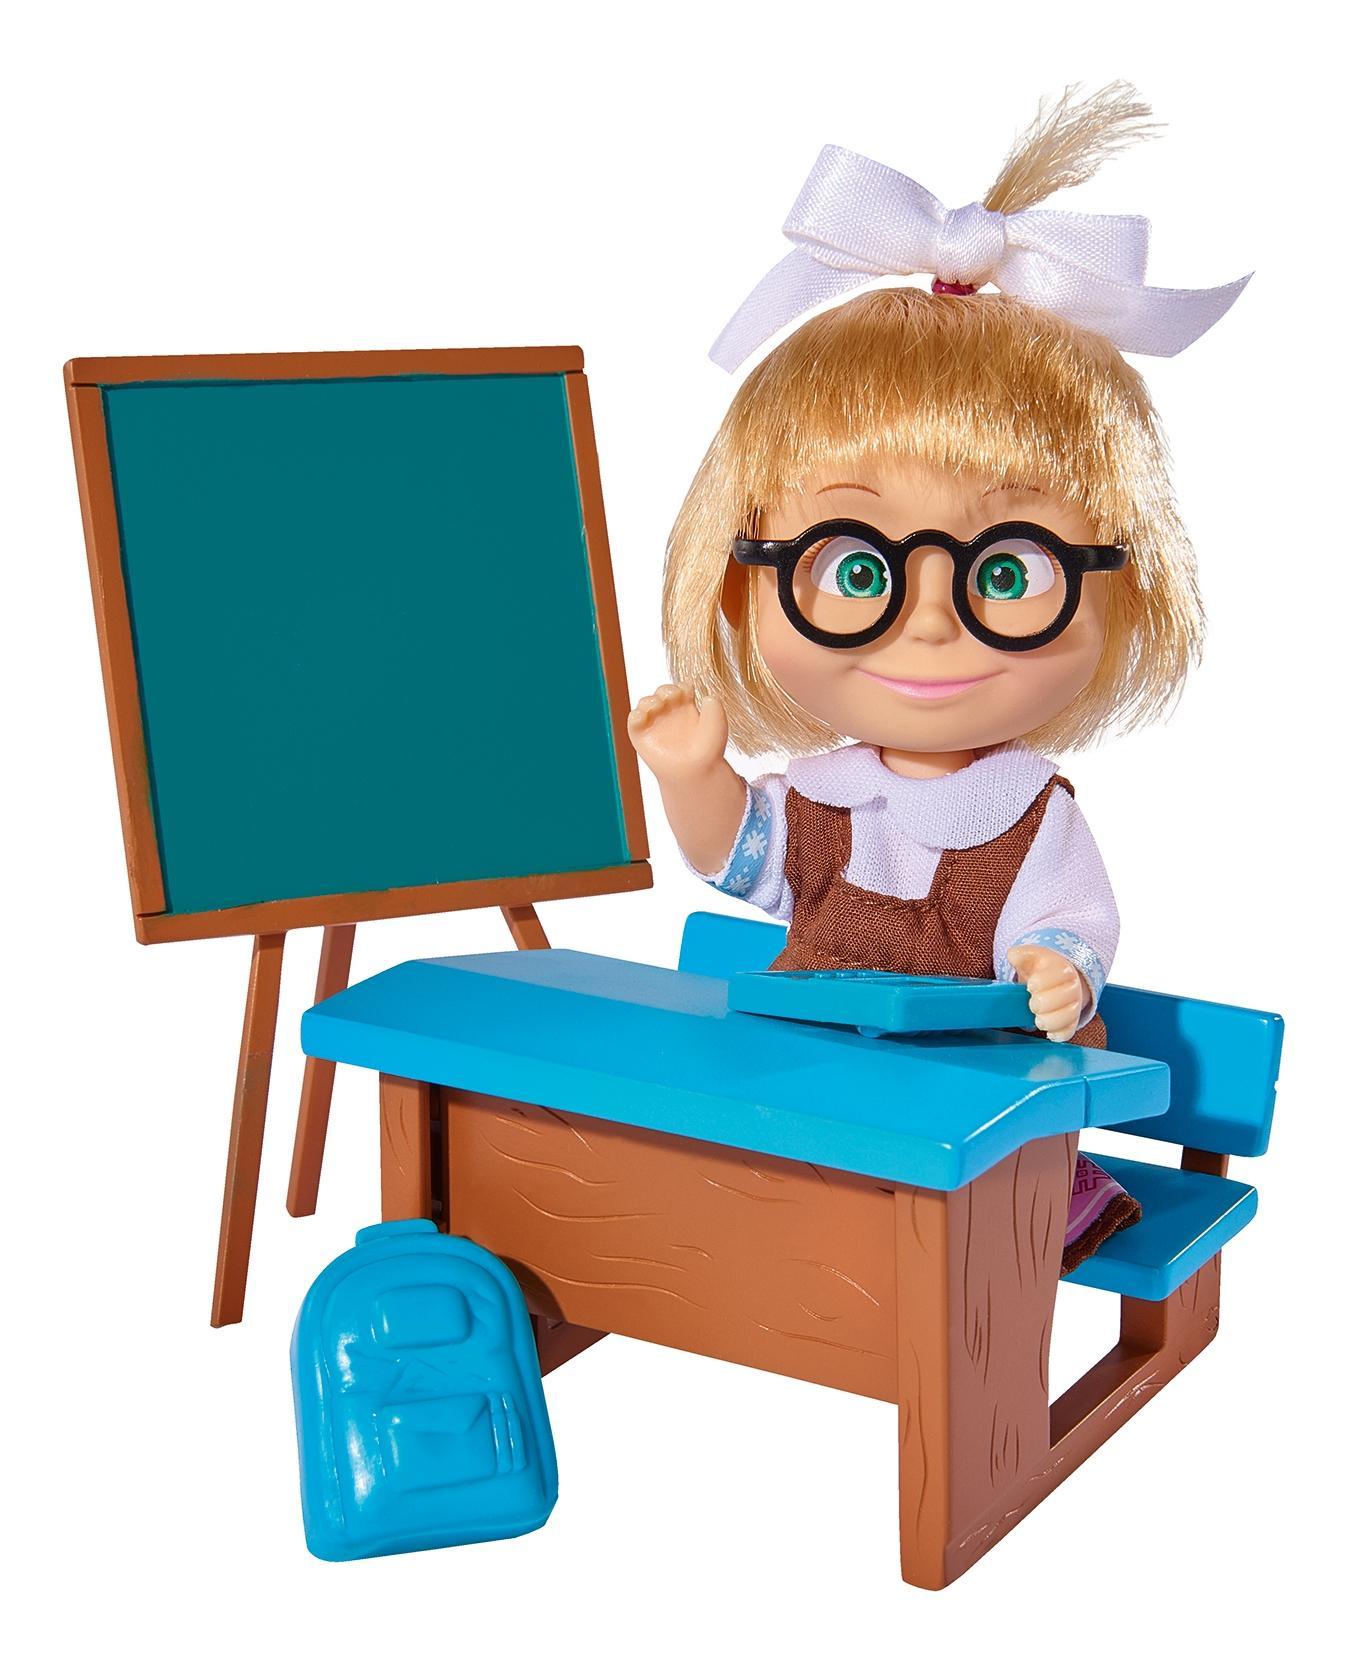 Игровой набор Simba Кукла Маша в школьной форме с классной доской, партой и аксессуарами